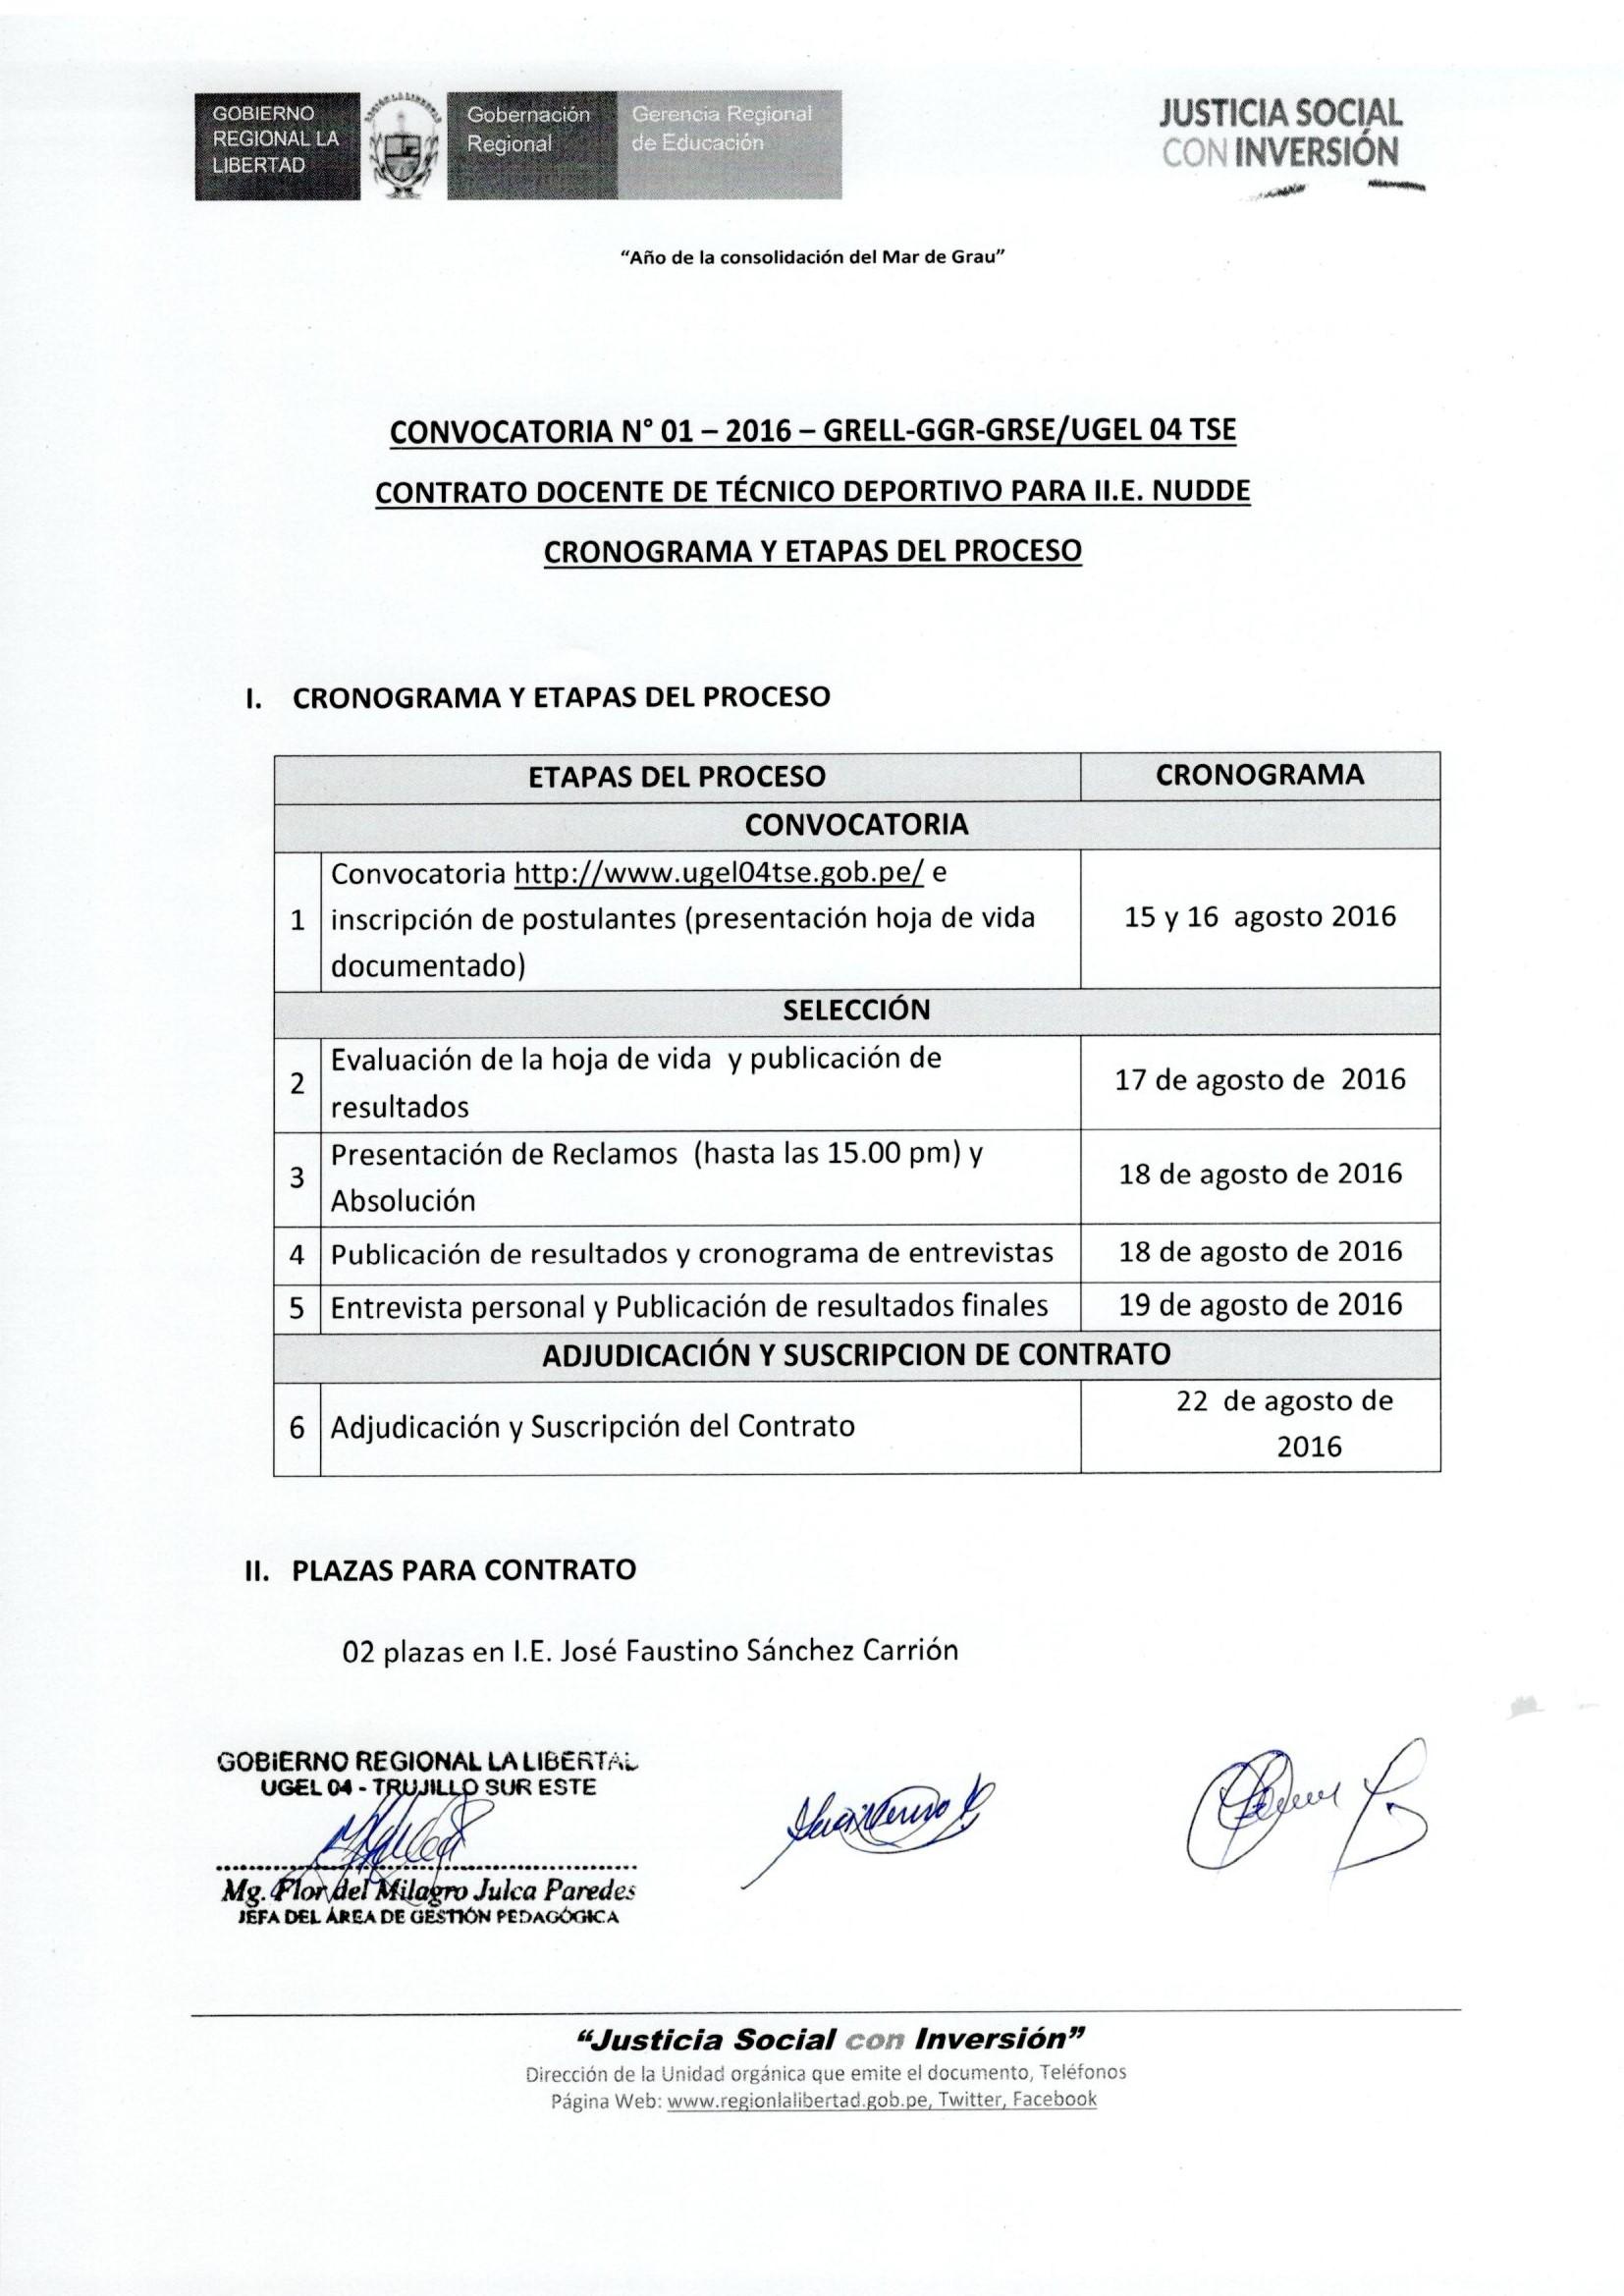 Contrato docente 2016 ugel santa convocatoria 2016 for Convocatoria para plazas docentes 2016